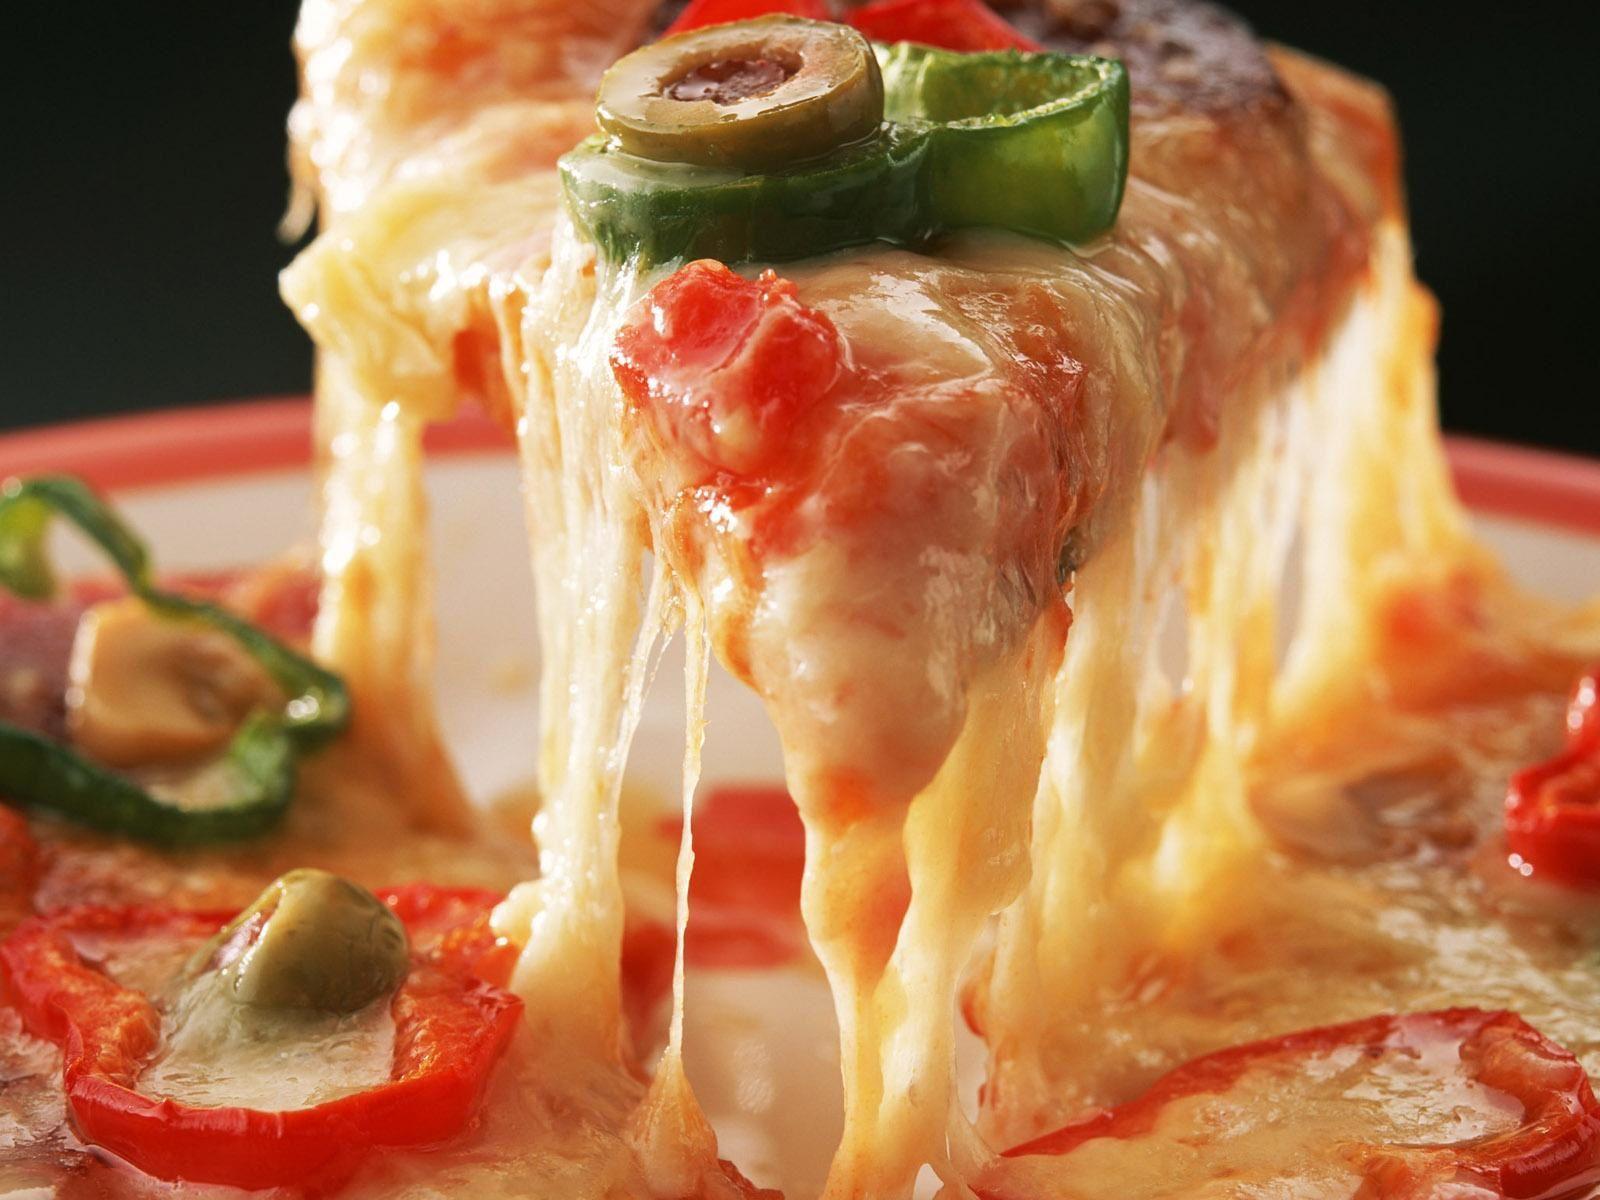 Bon appétit - Pizza - Fromage - Wallpaper - Free